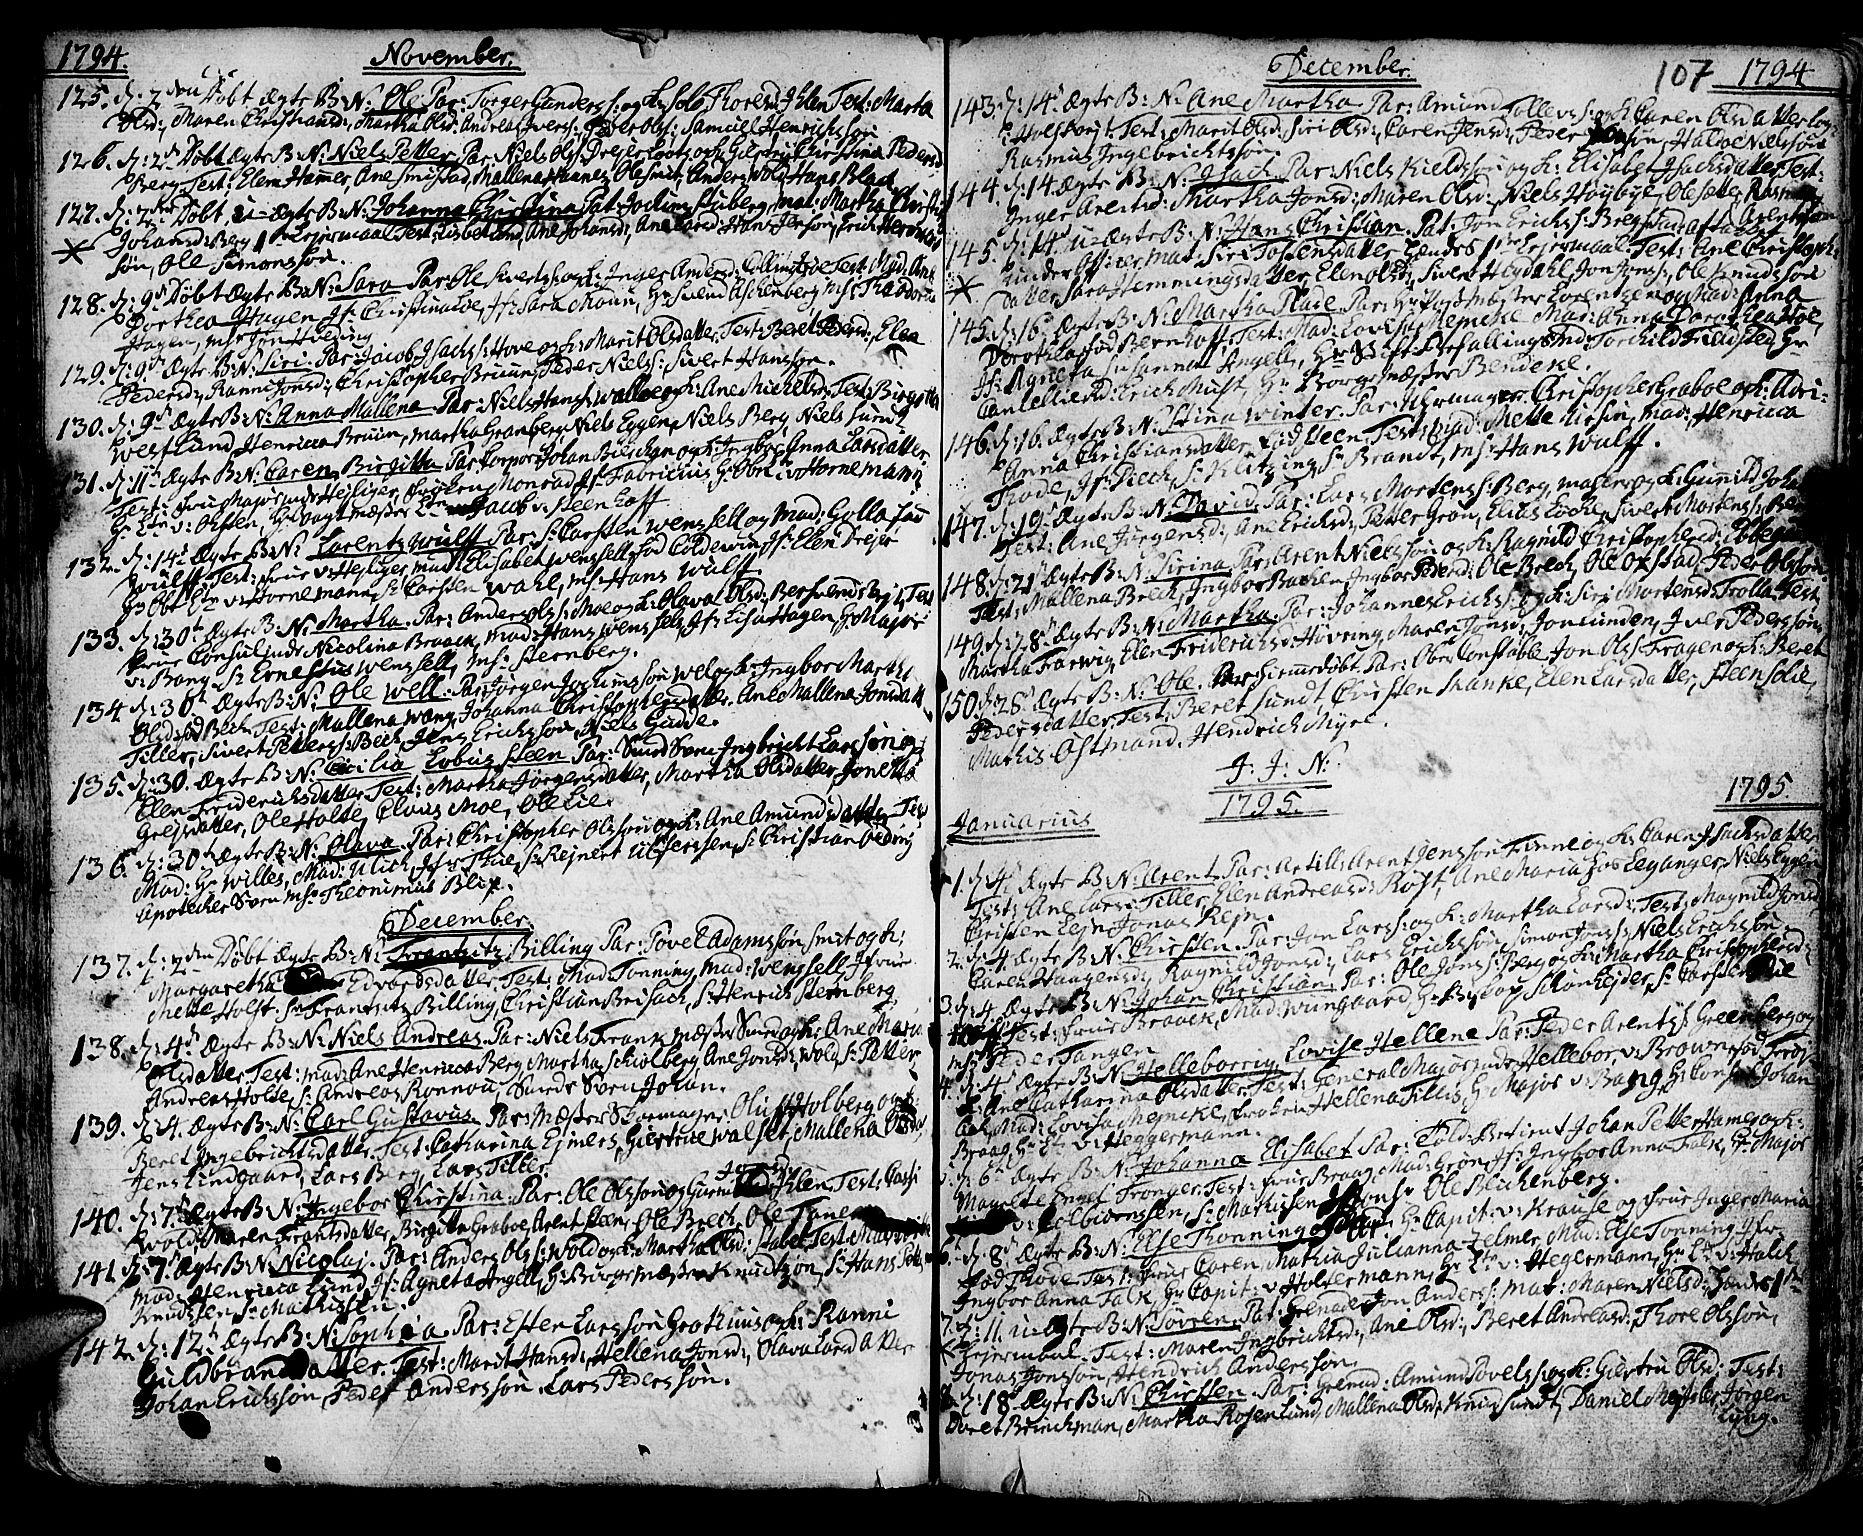 SAT, Ministerialprotokoller, klokkerbøker og fødselsregistre - Sør-Trøndelag, 601/L0039: Ministerialbok nr. 601A07, 1770-1819, s. 107